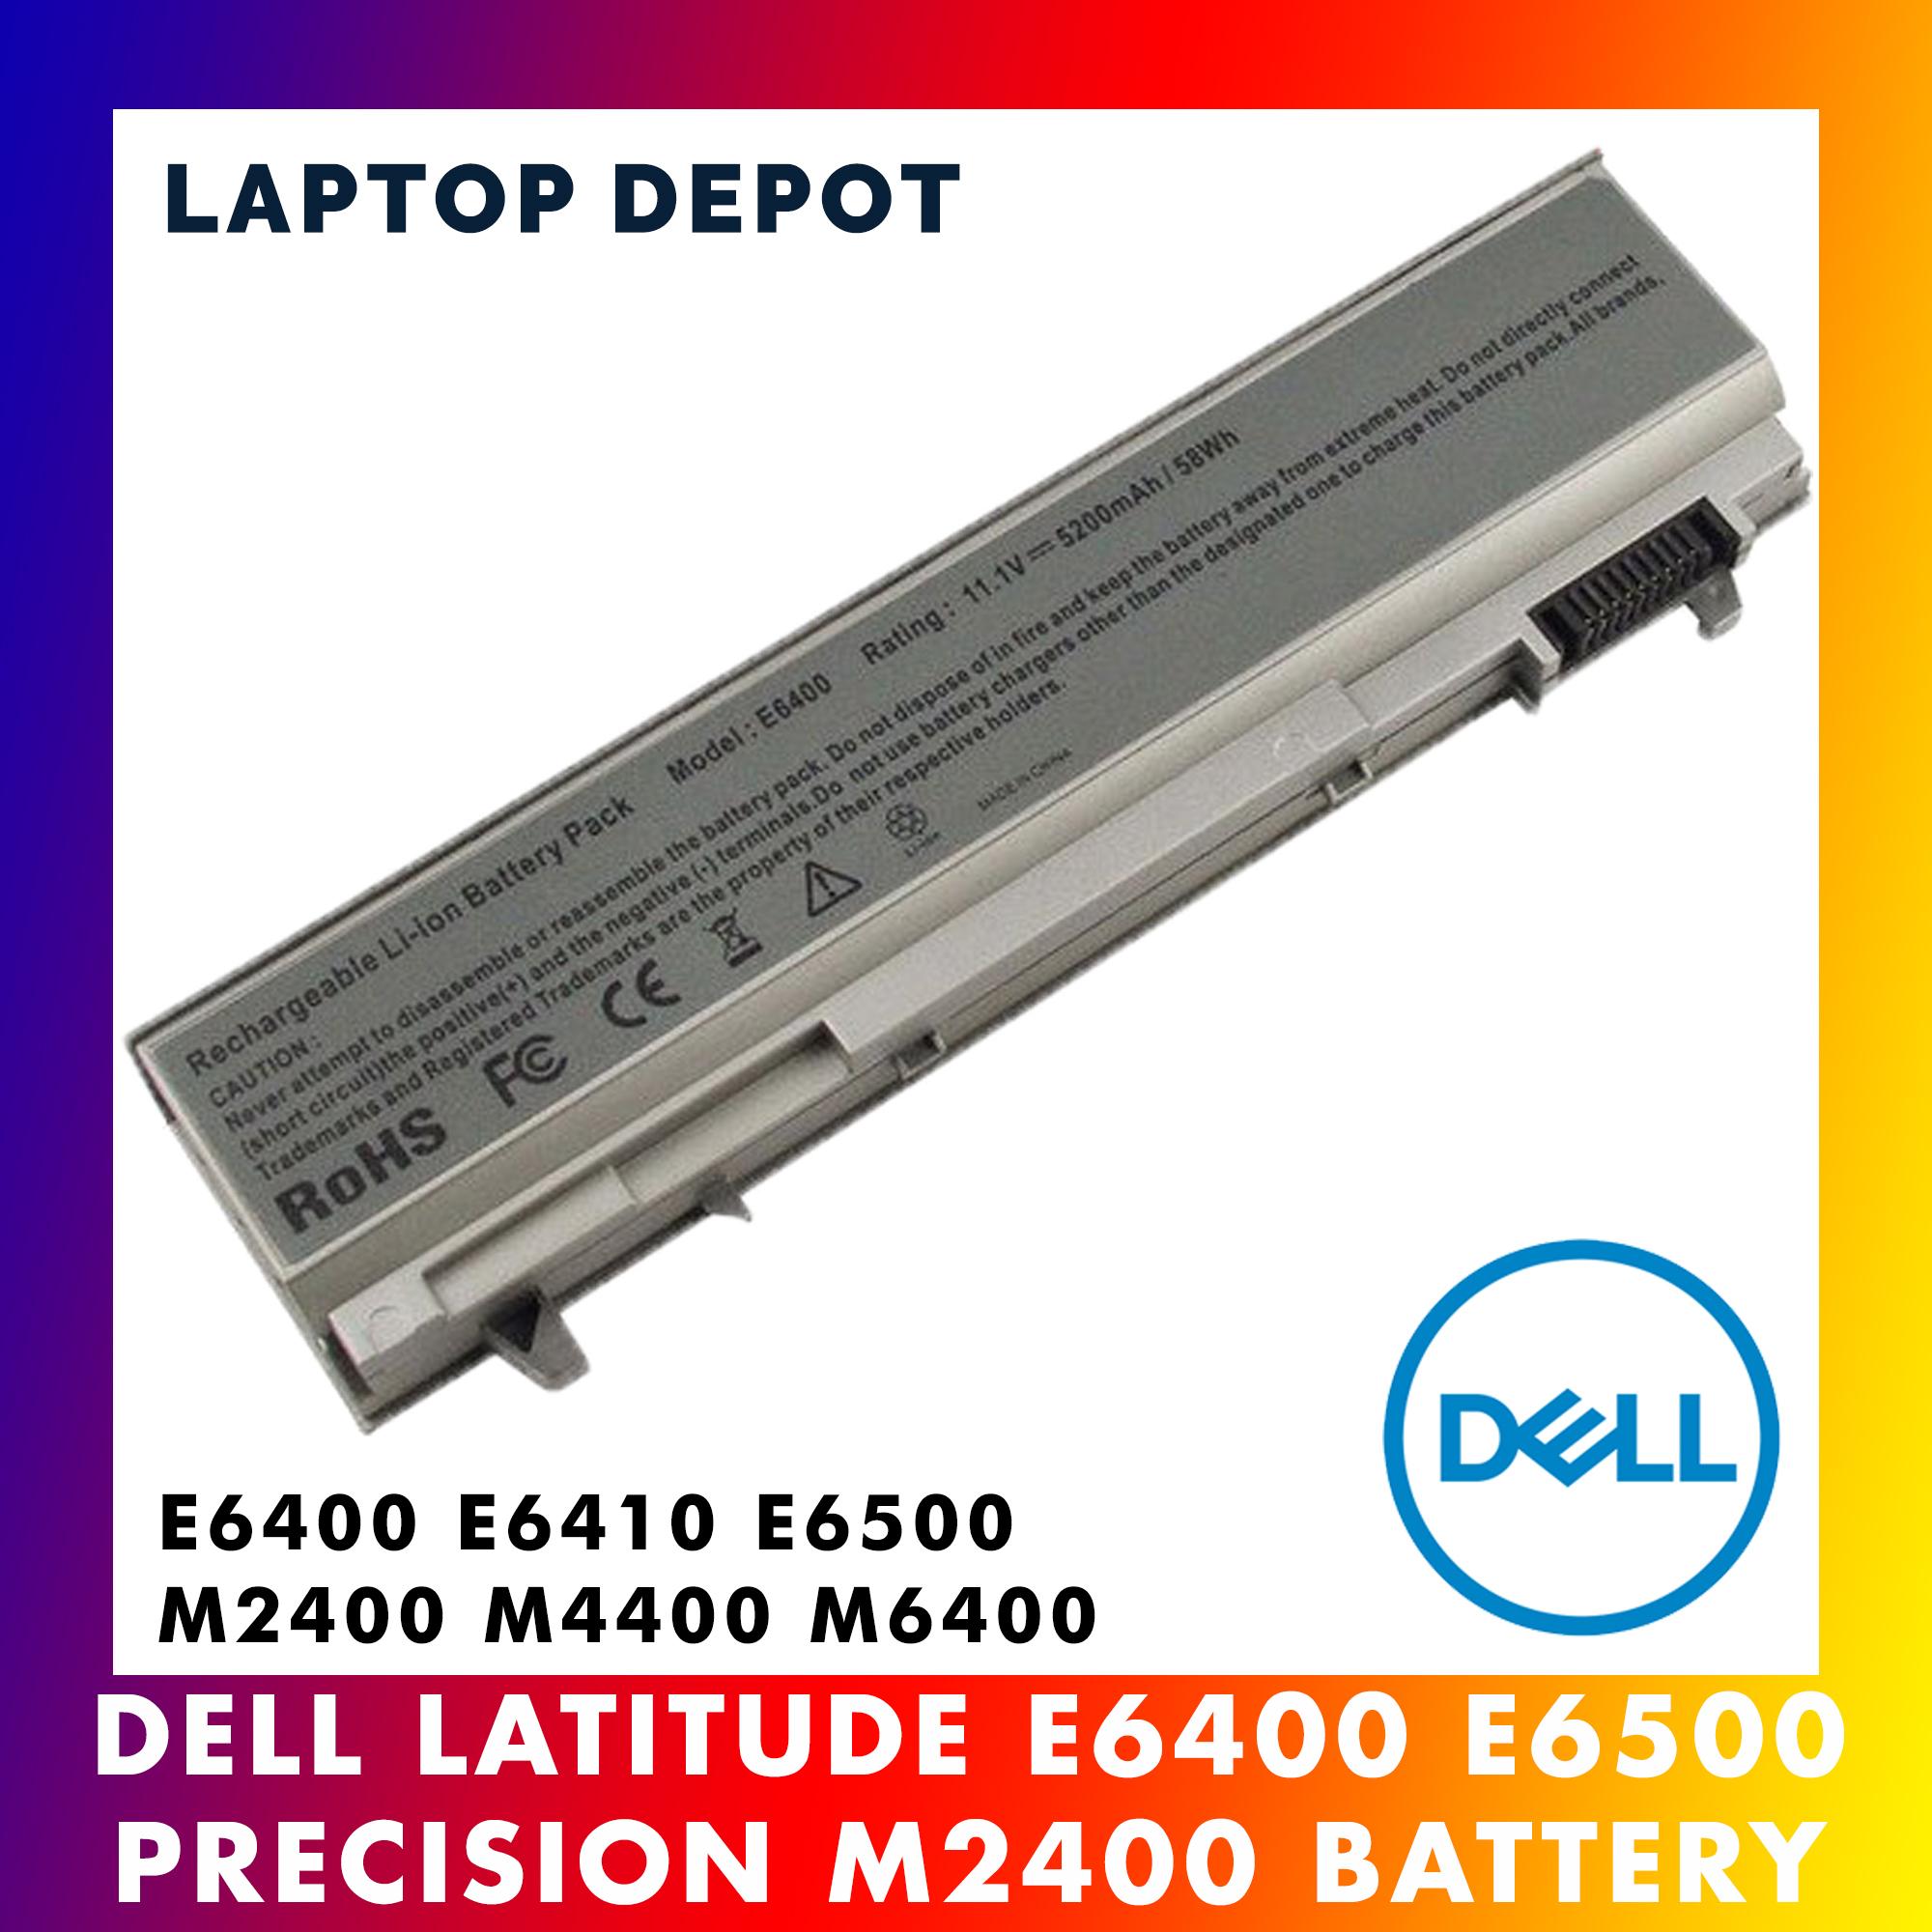 Dell Latitude E6400 E6410 E6500 M2400 M4400 PP27L KY268 Battery